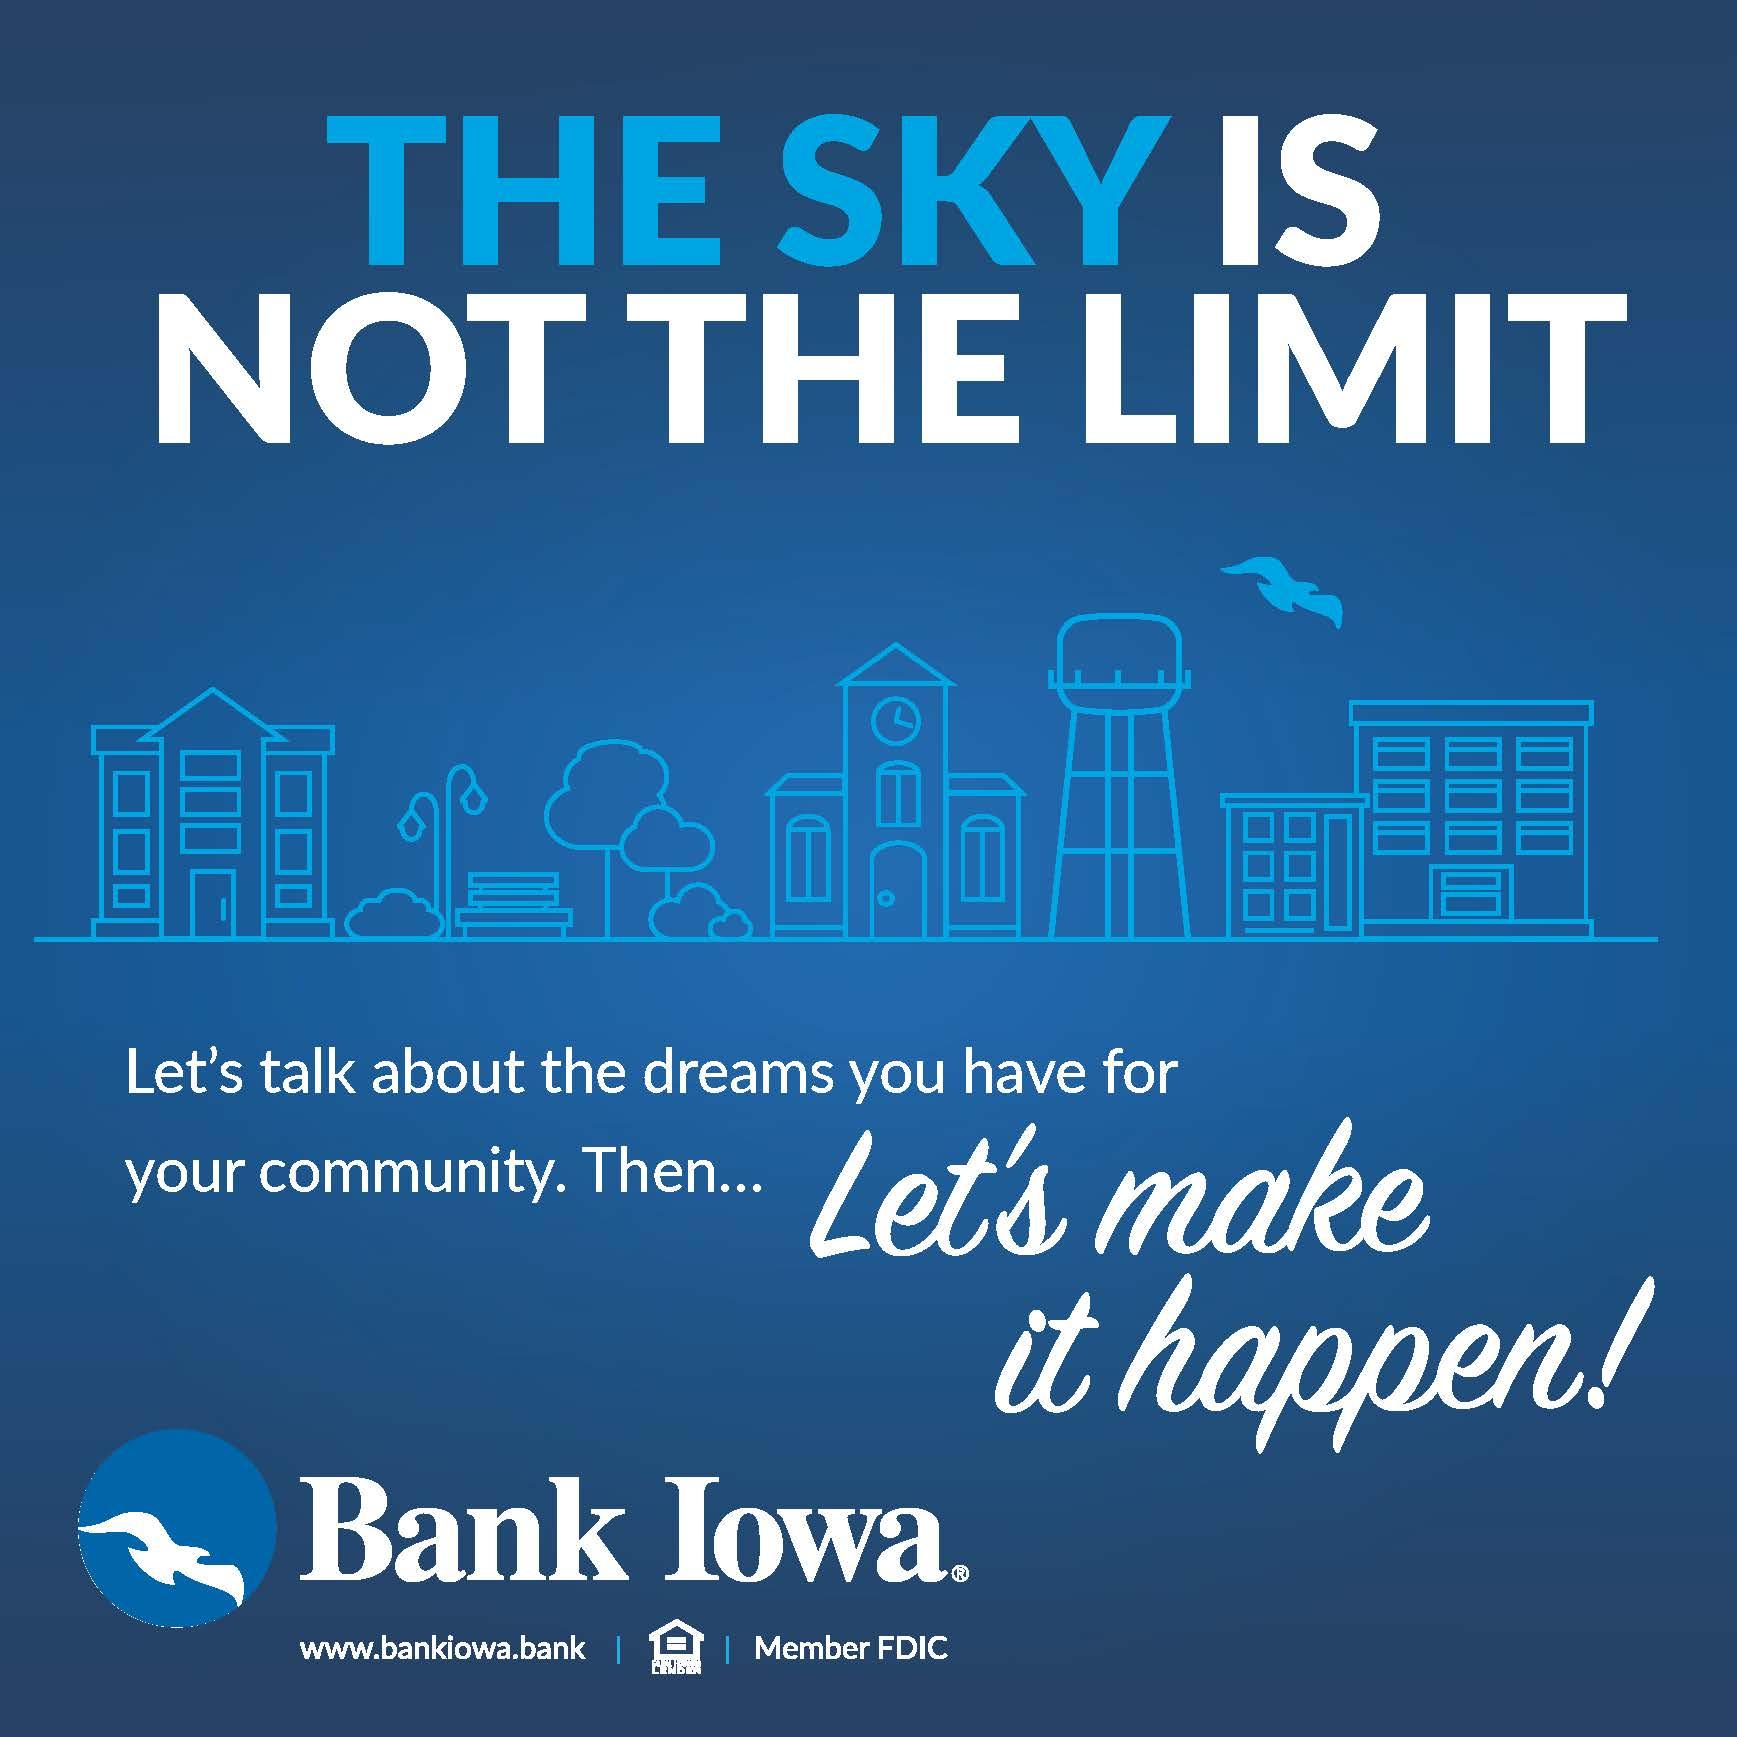 homepage-ad-charter-bank